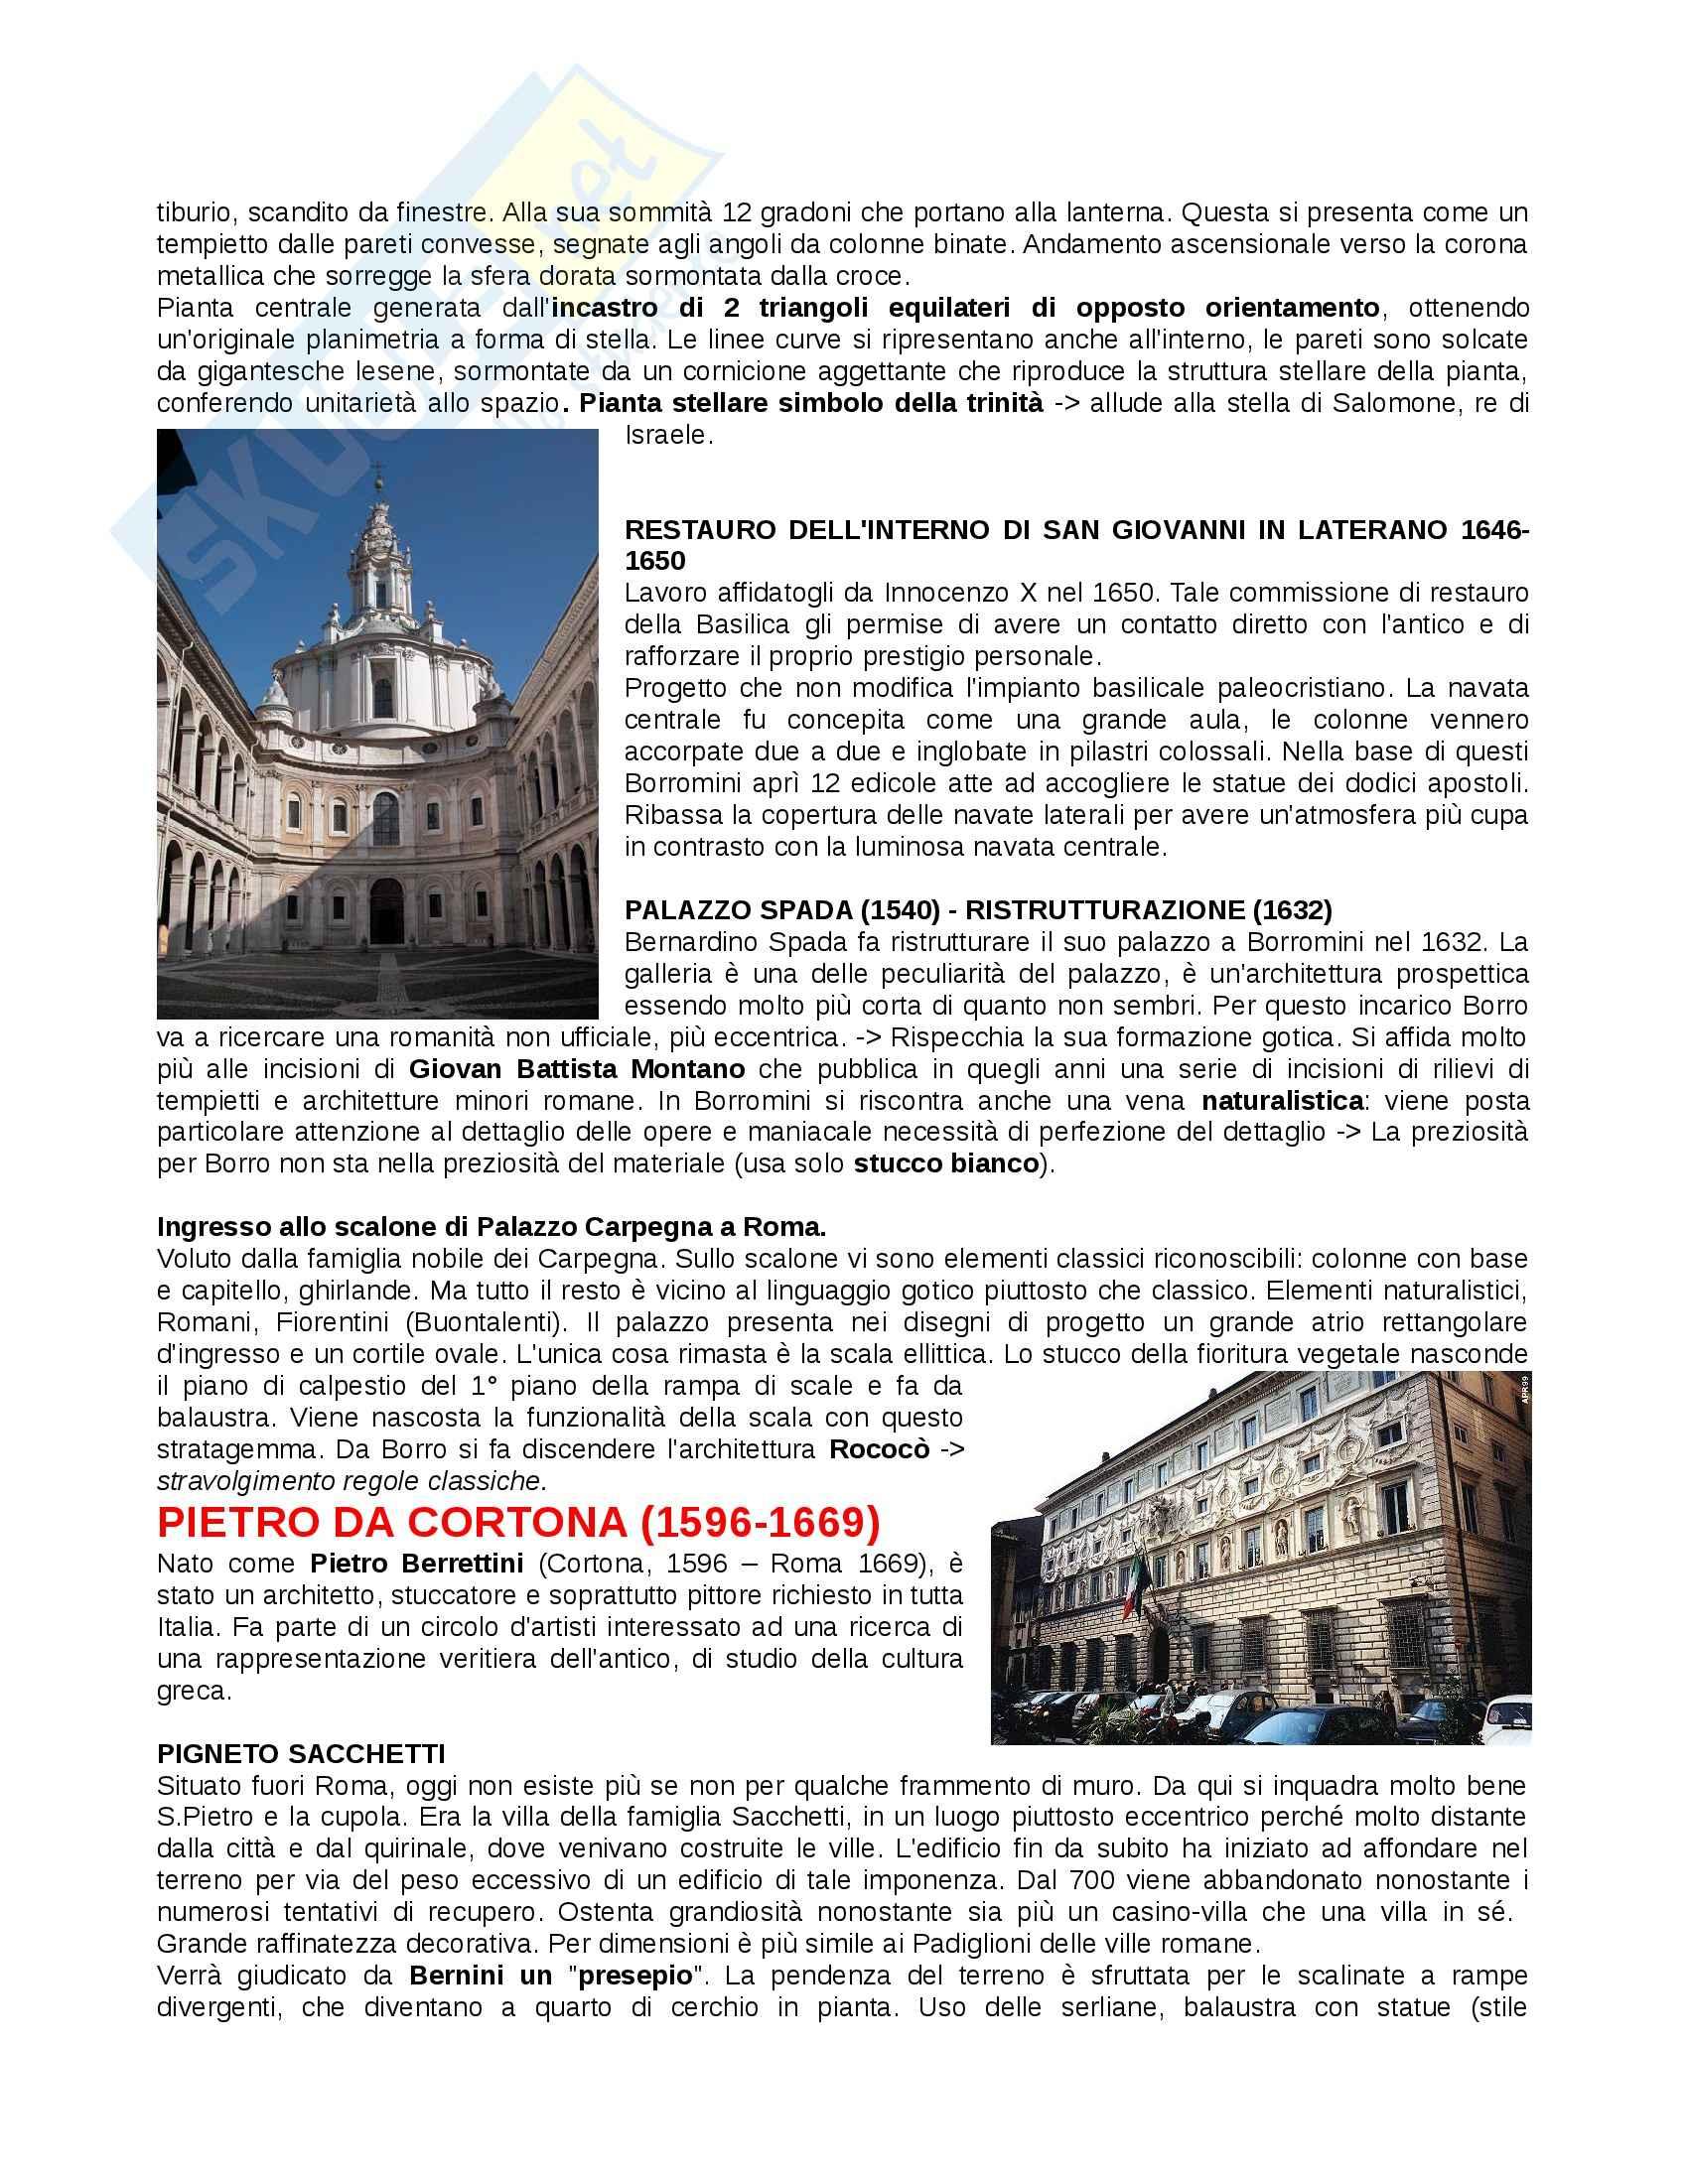 Lezioni: Appunti di Storia architettura II Pag. 16